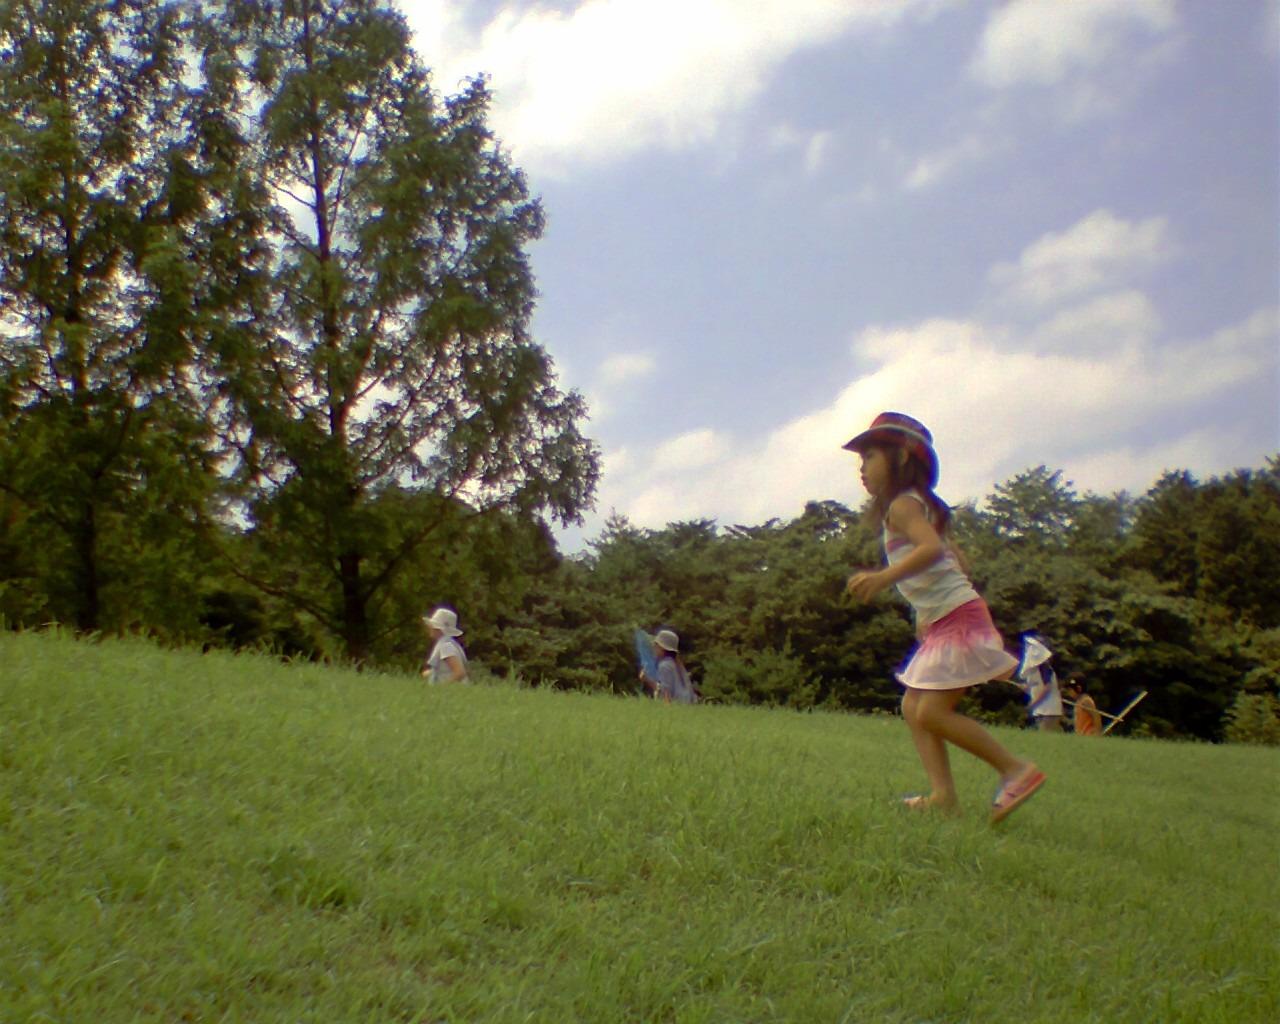 水辺に遊んだ帰りの幼女。サマー・シーズン仕様のキャミソールに同じく夏を... 芝生の上を駆け去る